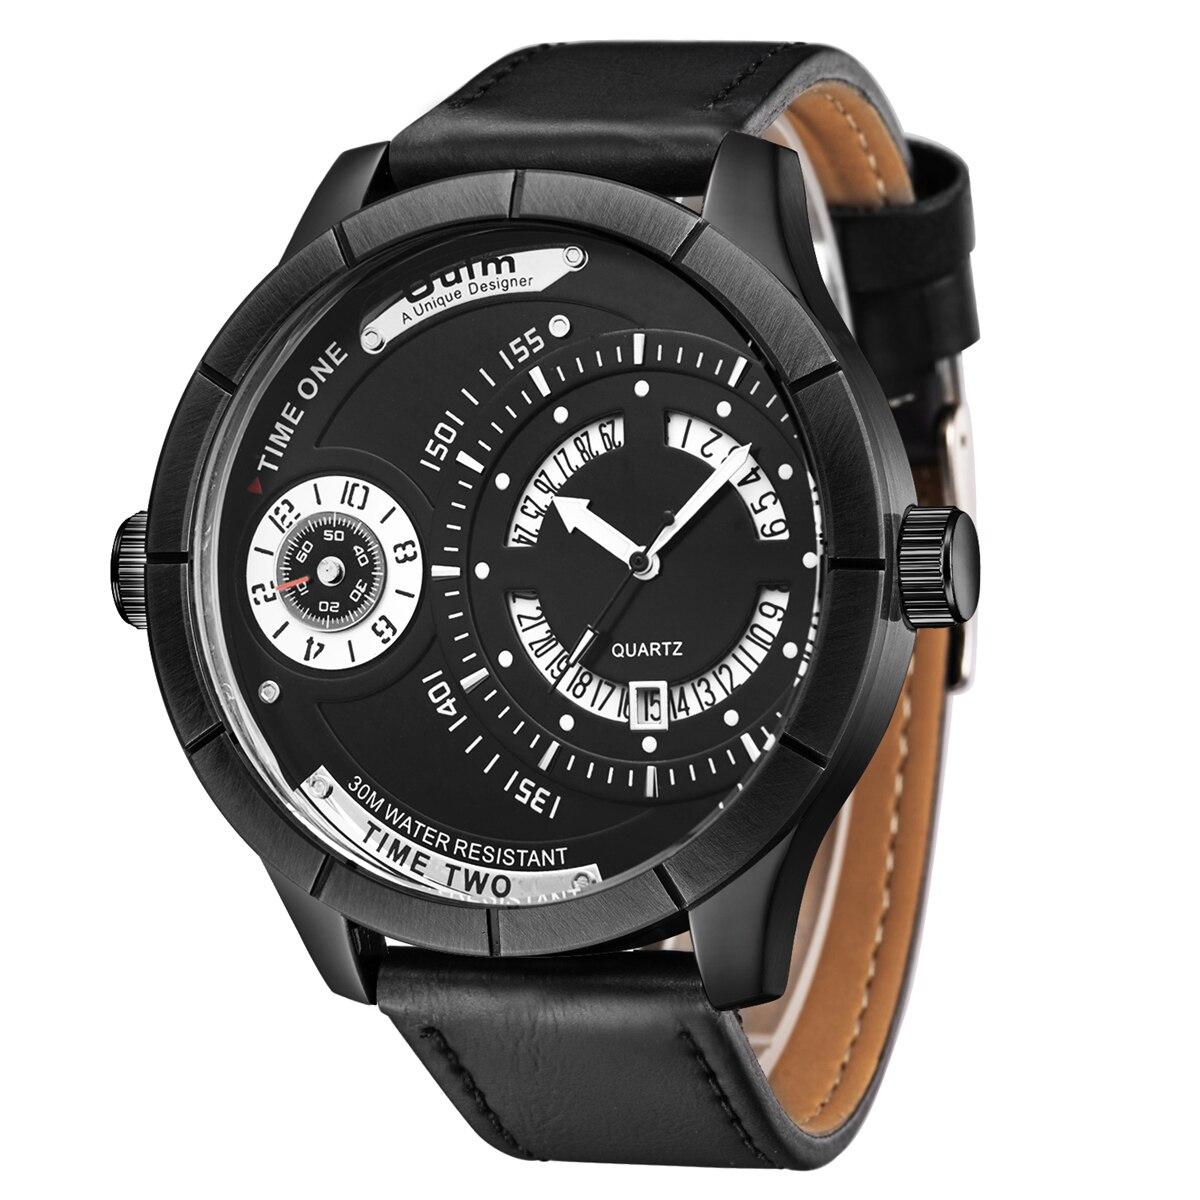 Relojes para hombre, relojes deportivos de cuero de marca de lujo para hombre, relojes oulm de cuarzo con brújula, reloj de pulsera militar resistente al agua